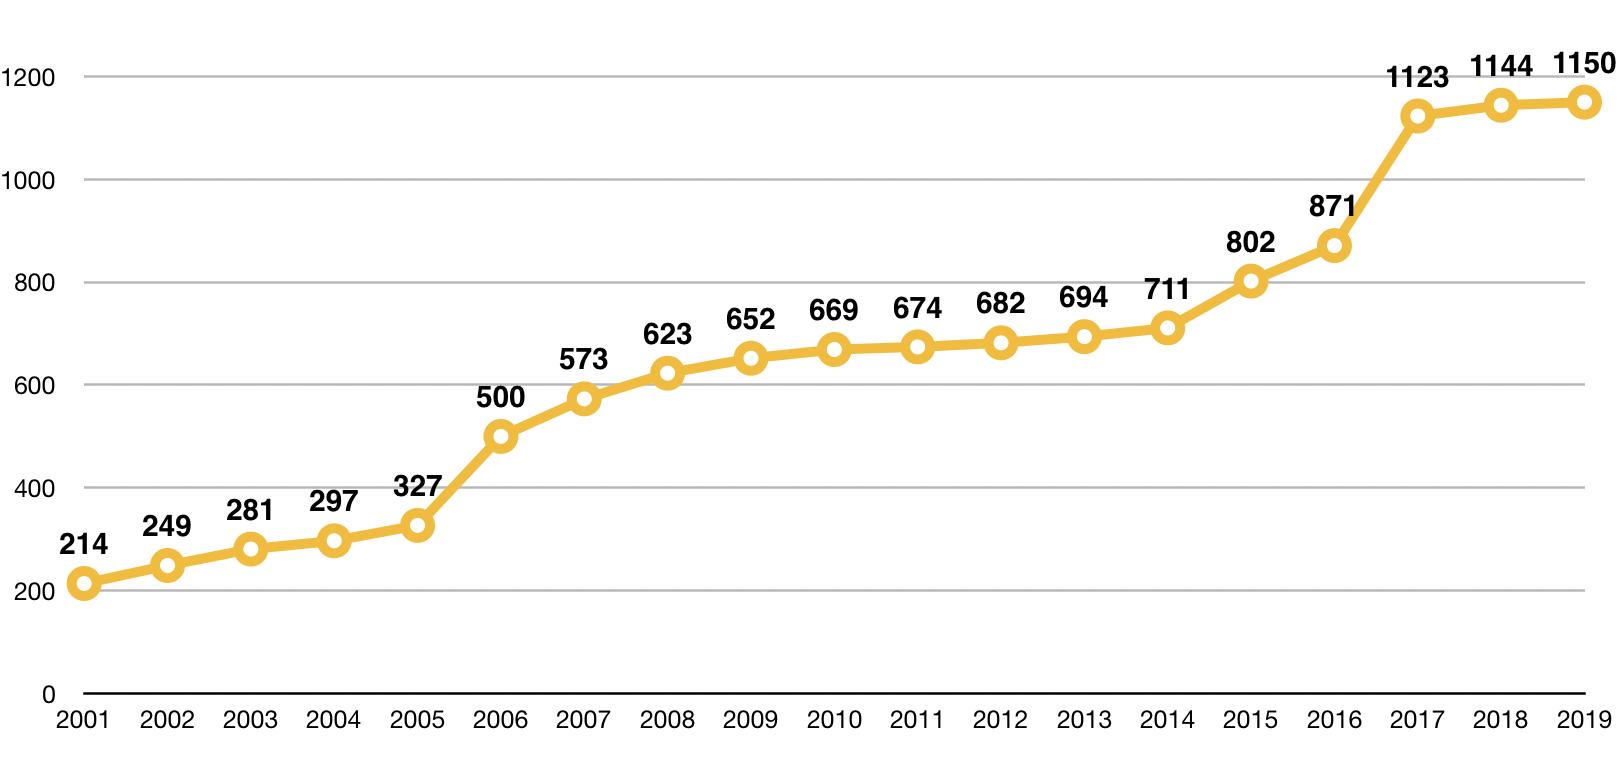 Vývoj počtu prodejen jednotlivých drogistických řetězců (zahrnuje sítě DM drogerie markt, Rossmann, Teta, Top drogerie). Zdroj: Nielsen